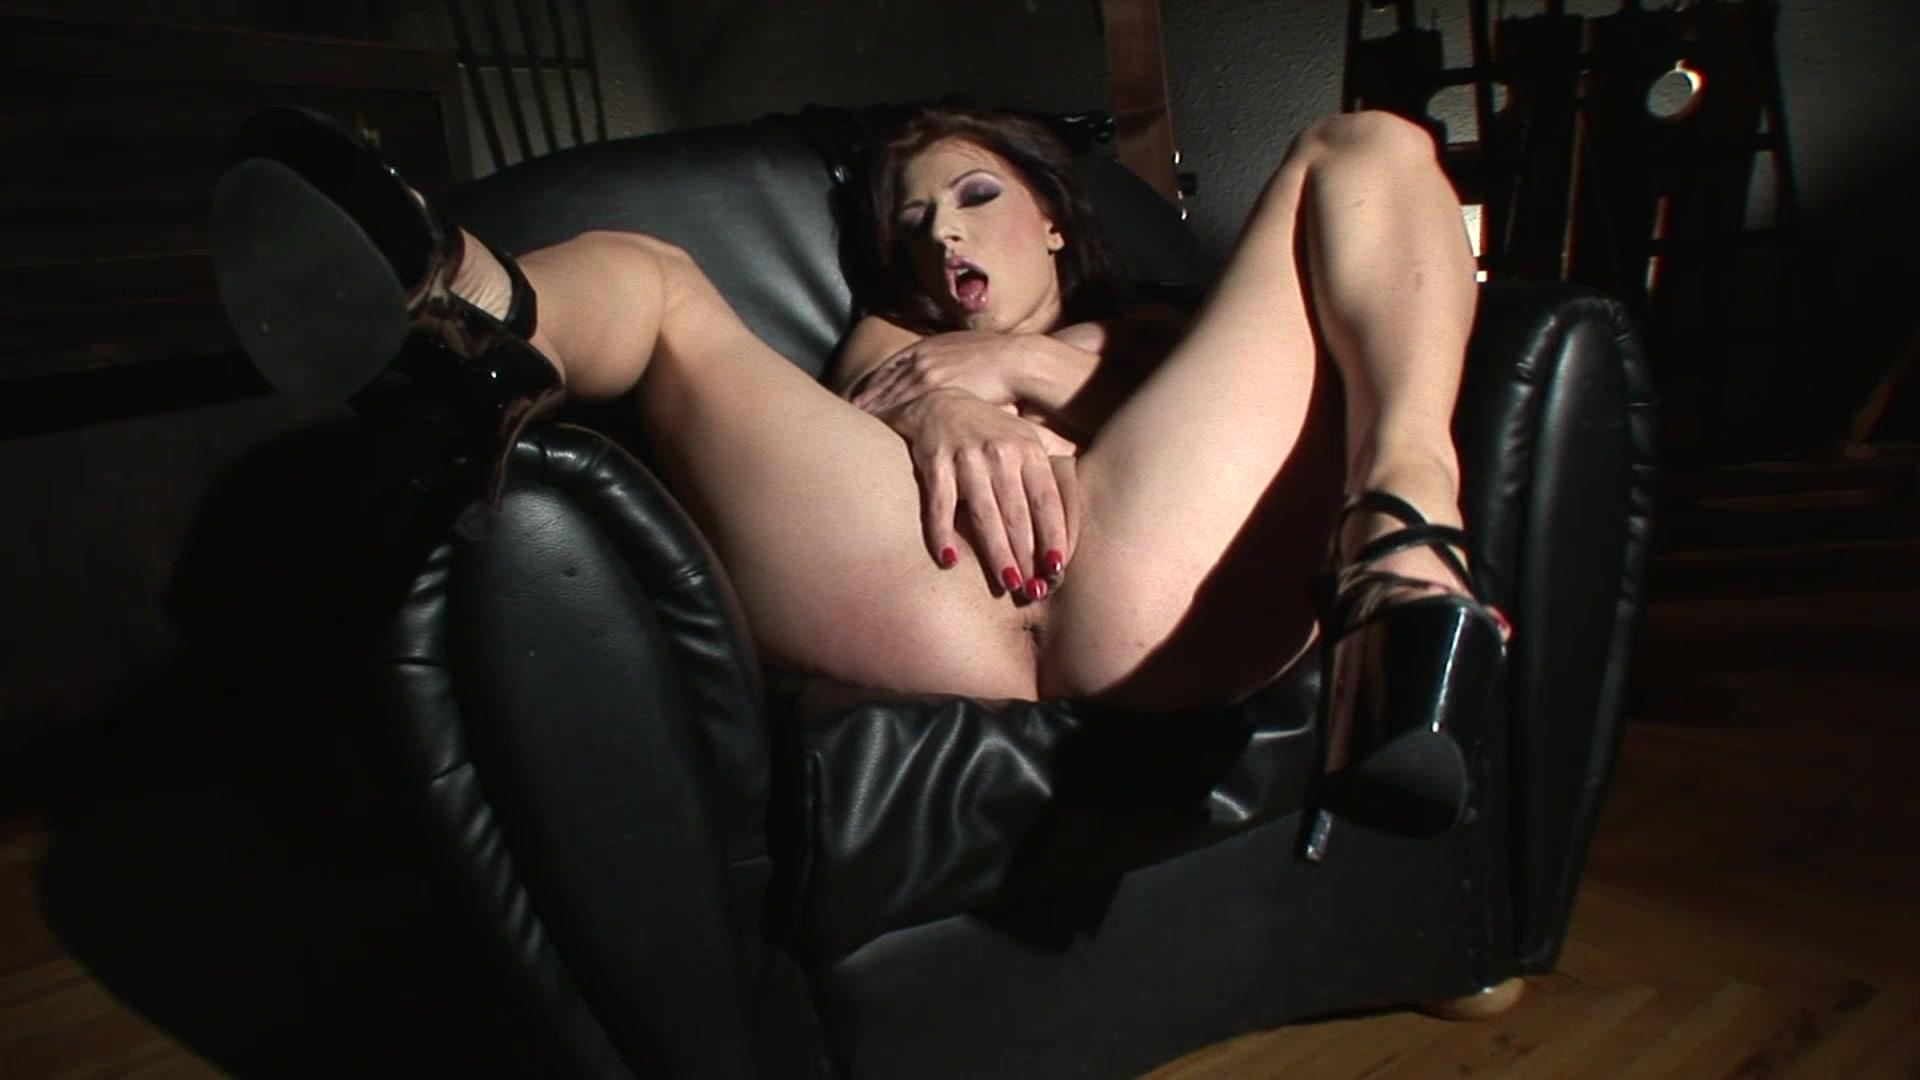 Смотреть порно пила с переводом, Порно видео Порно пародия на фильм ужасов Пила 1 фотография